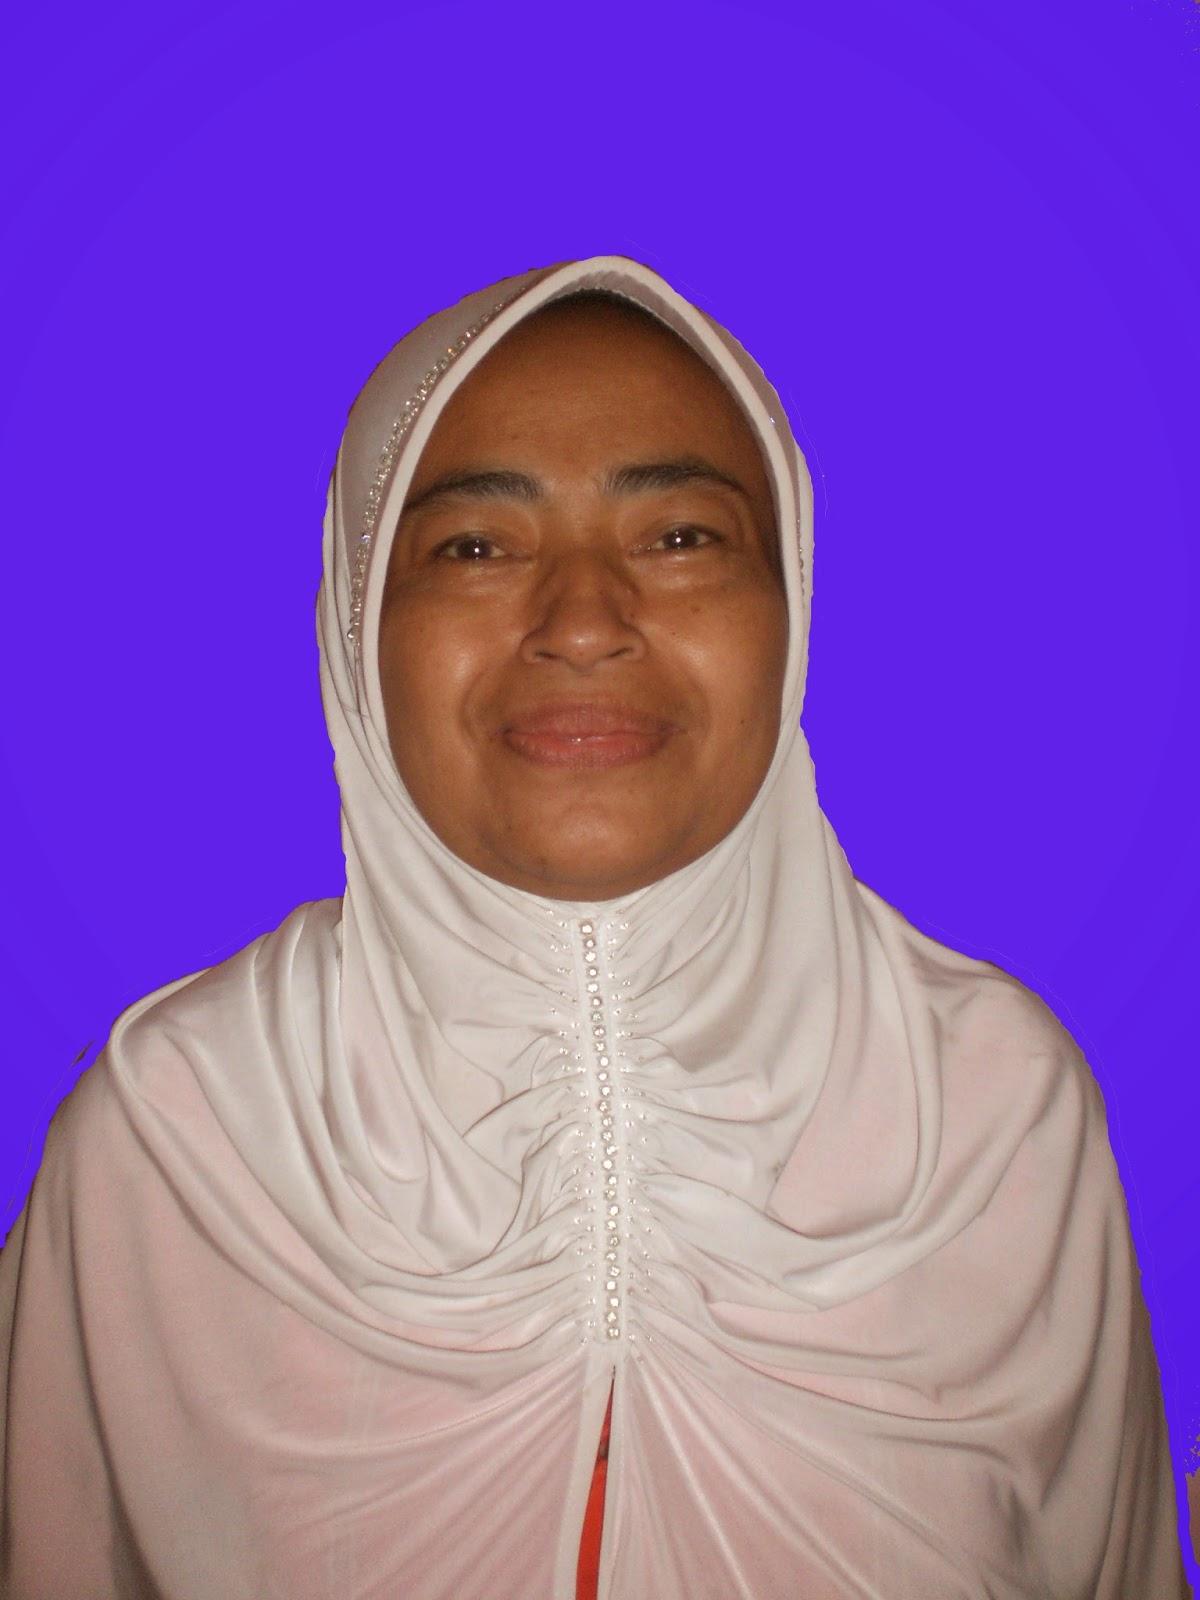 Almarhum Ibu Toyibah Binti Salwan